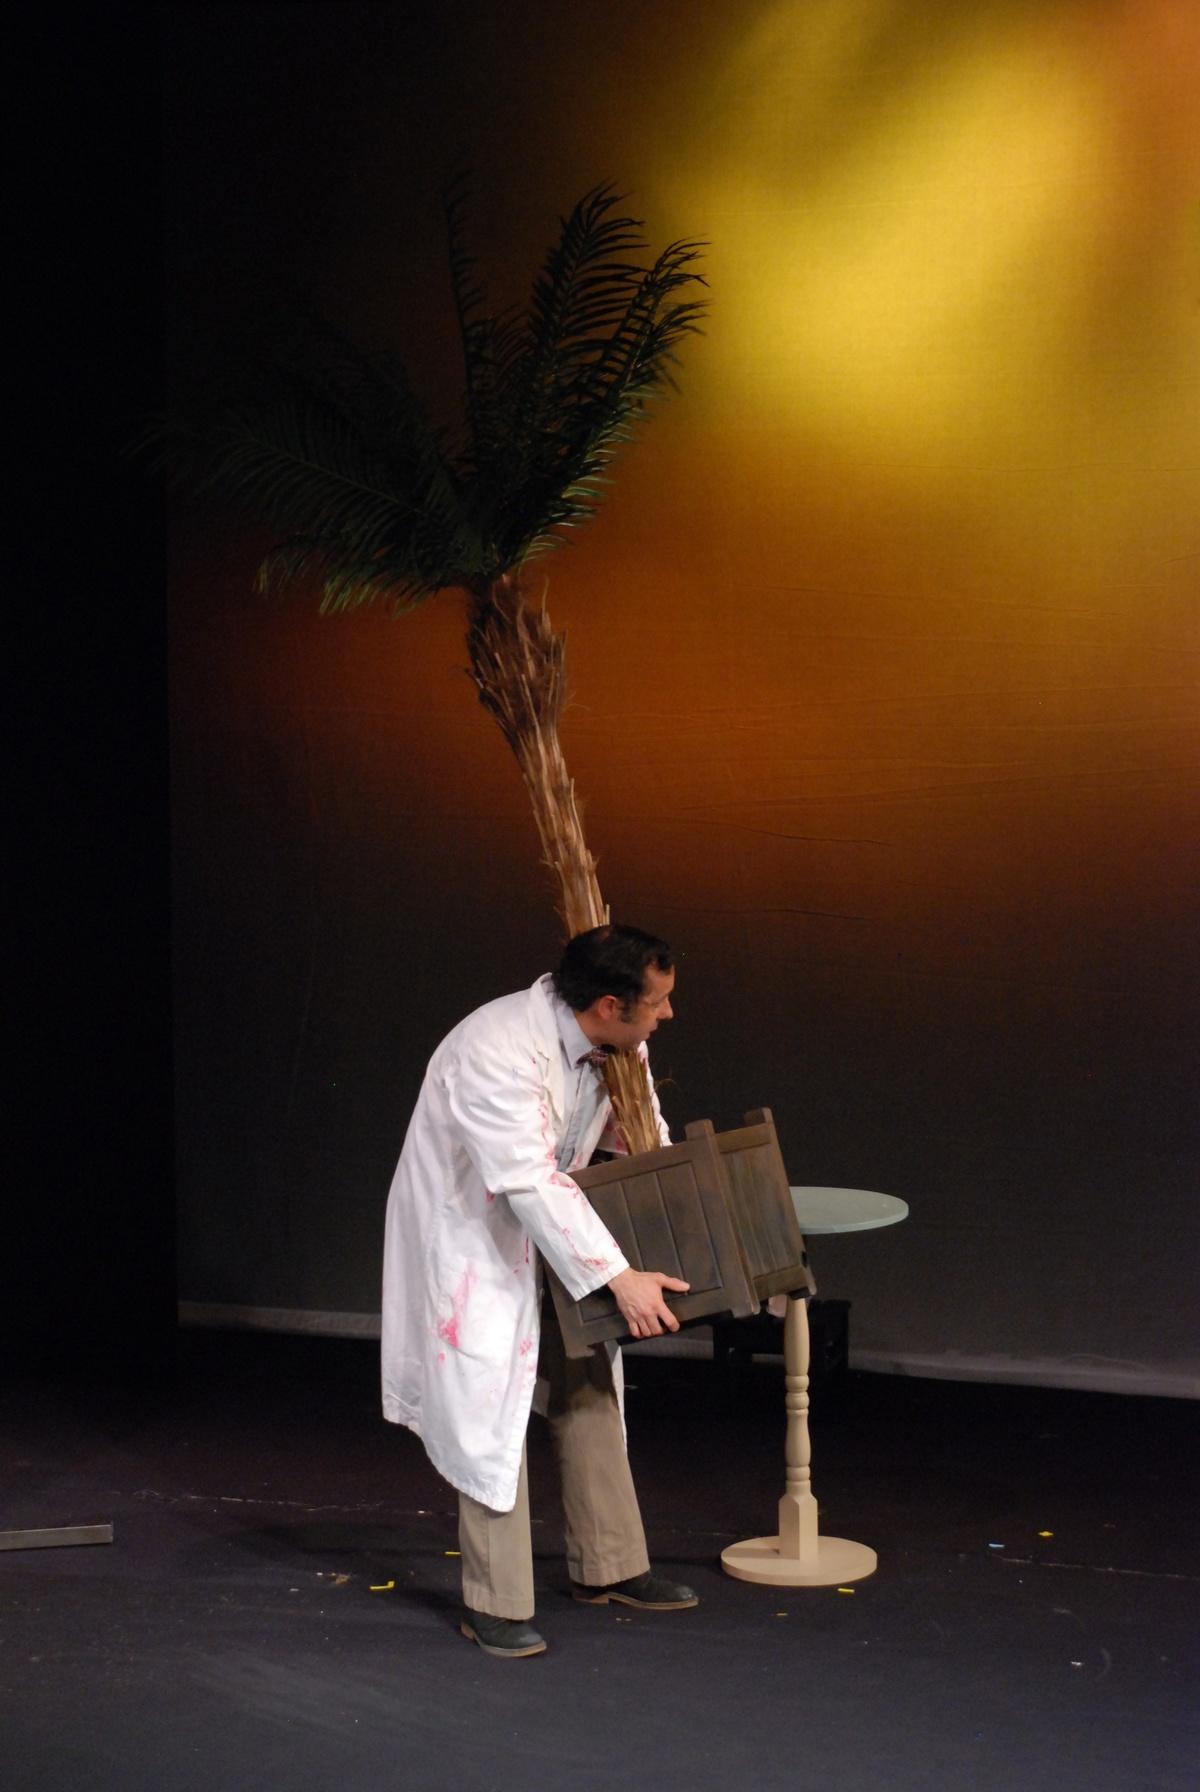 Un homme sur scène en blouse blanche transporte une grosse plante.